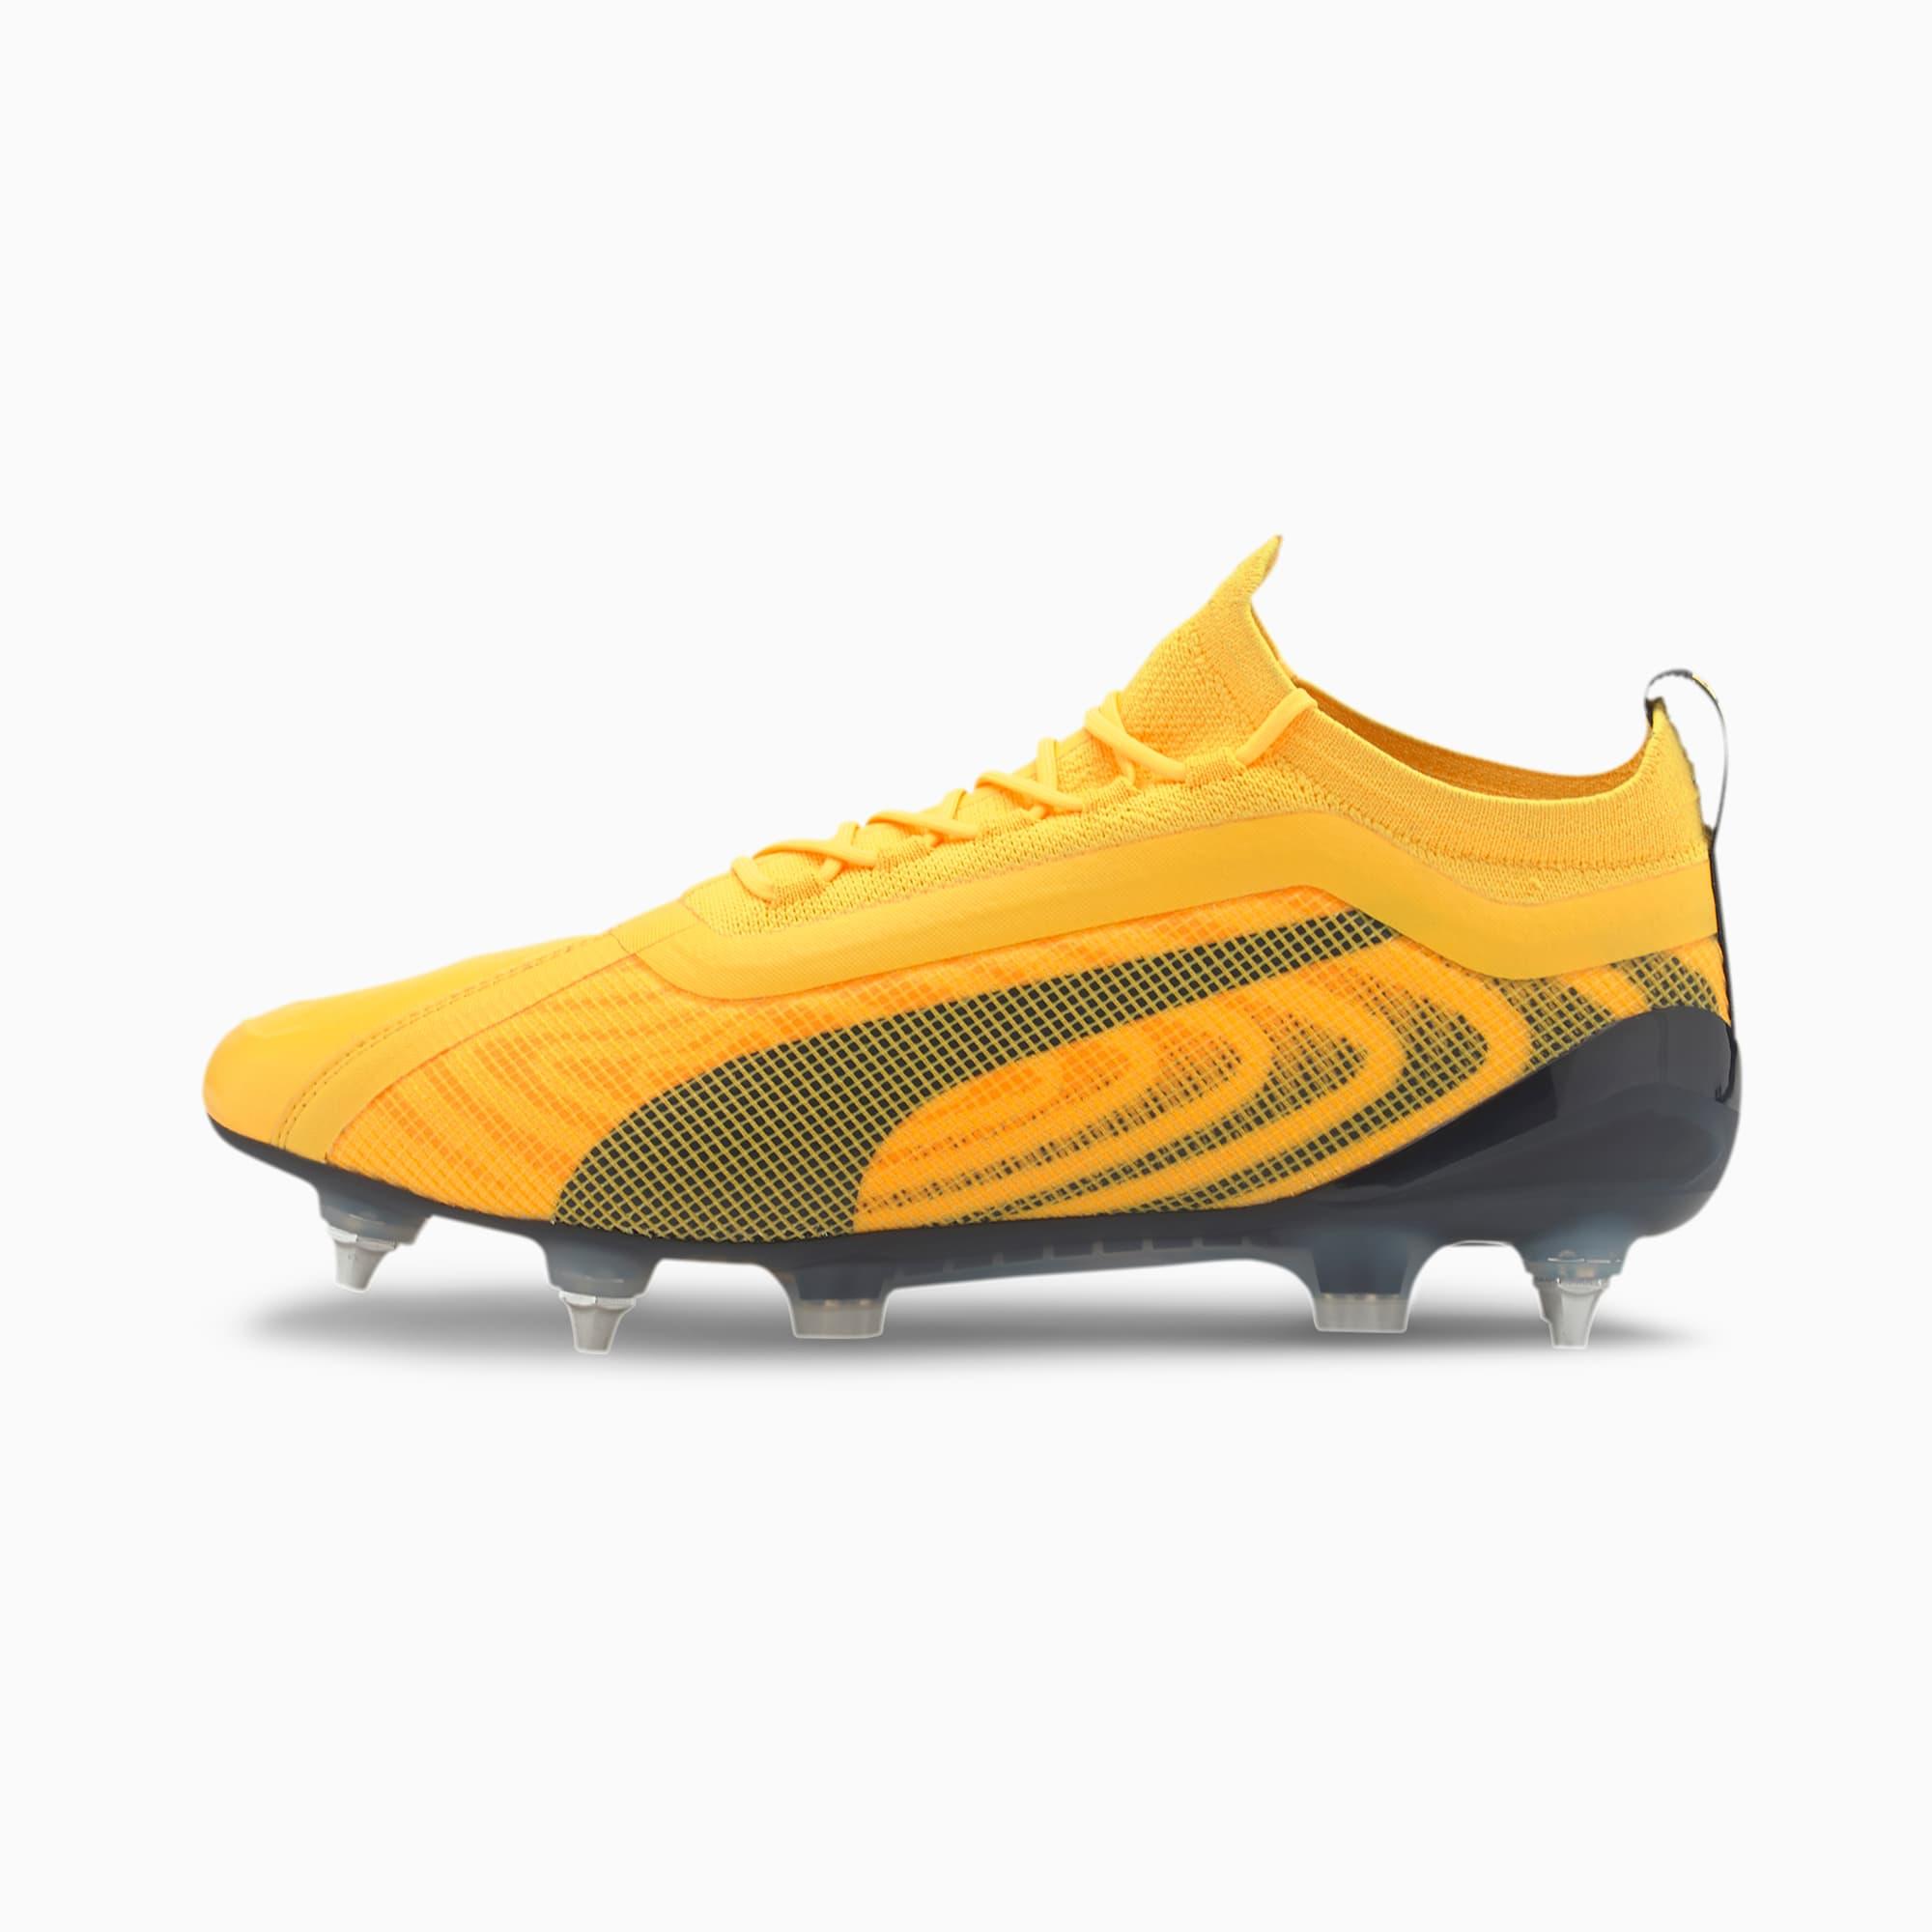 PUMA ONE 20.1 MxSG voetbalschoenen, Zwart/Geel/Oranje/Aucun, Maat 38,5